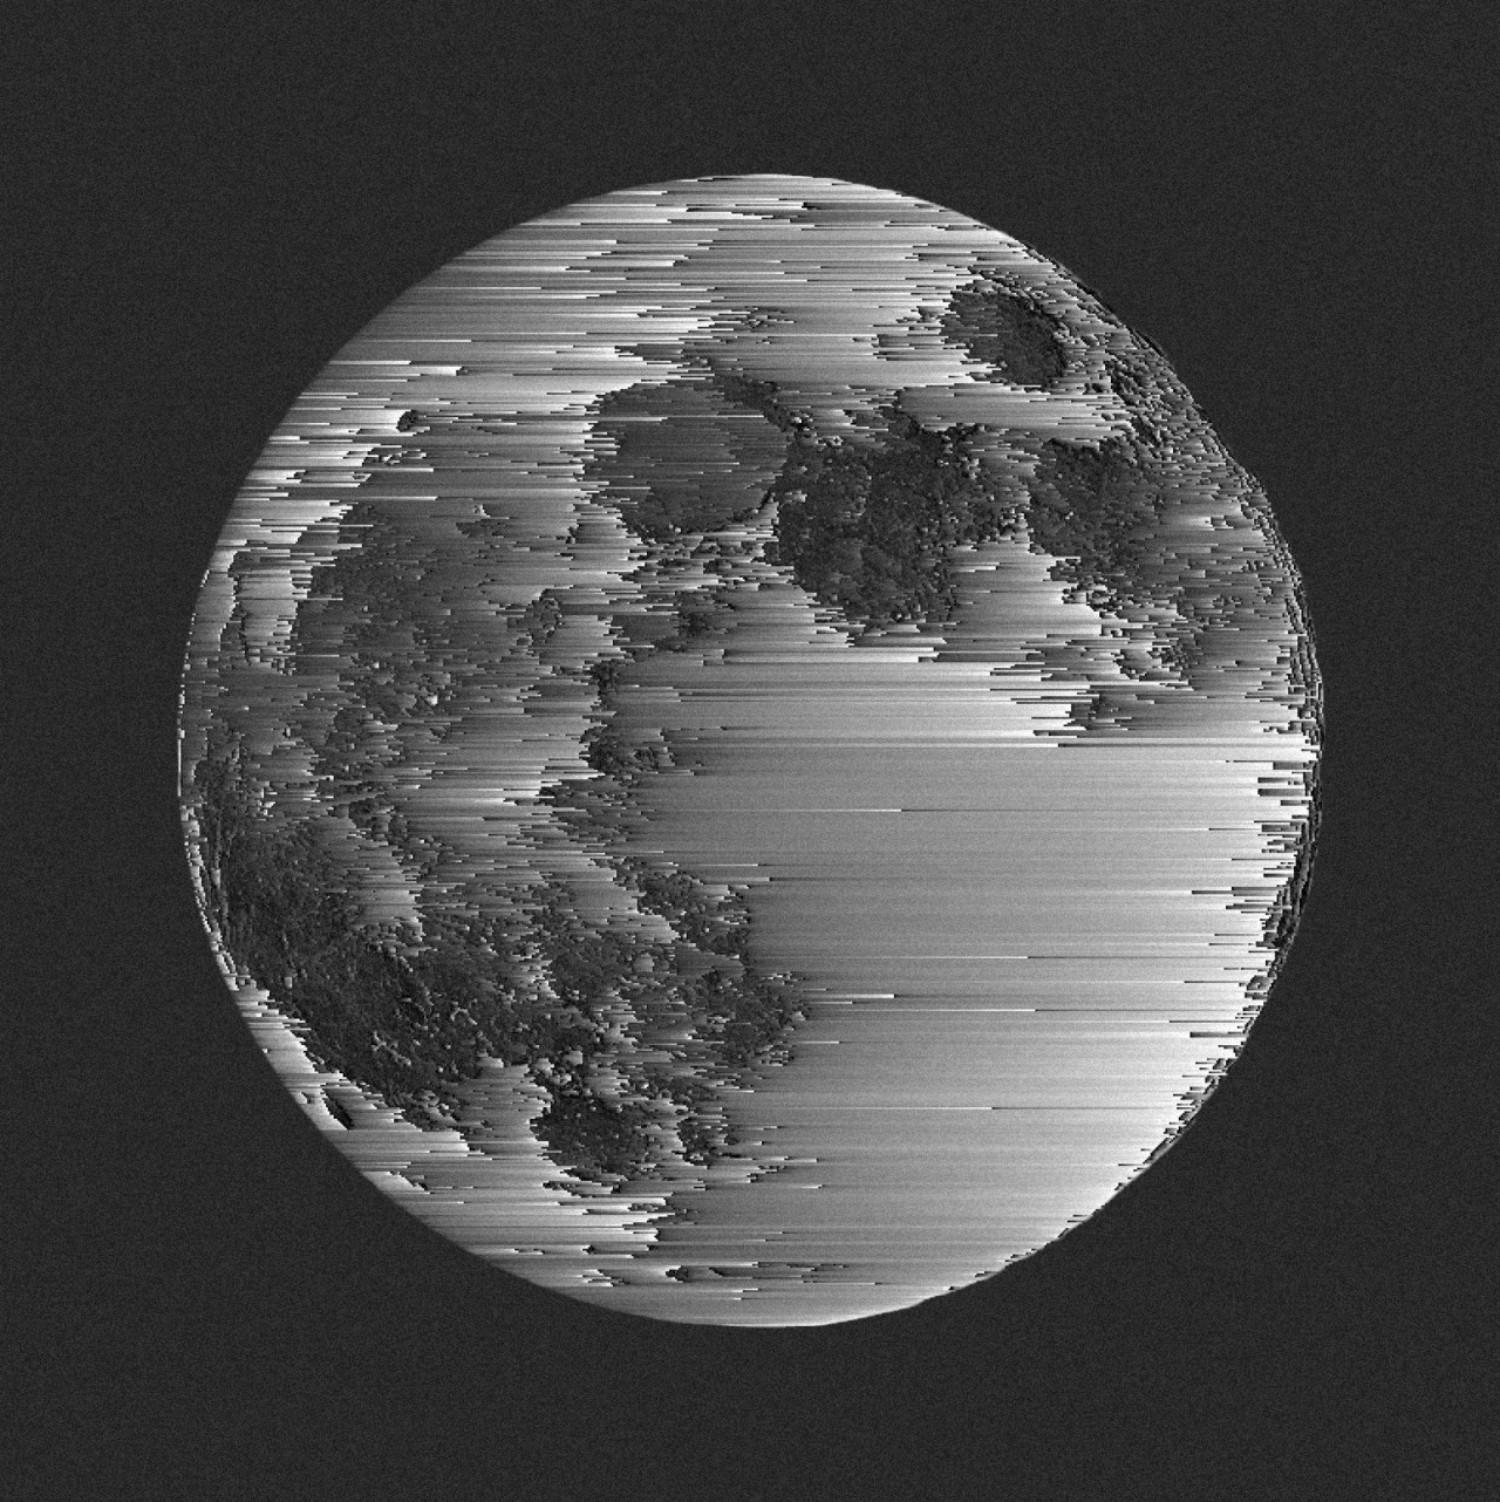 giacomo carmagnola pixel photography moon